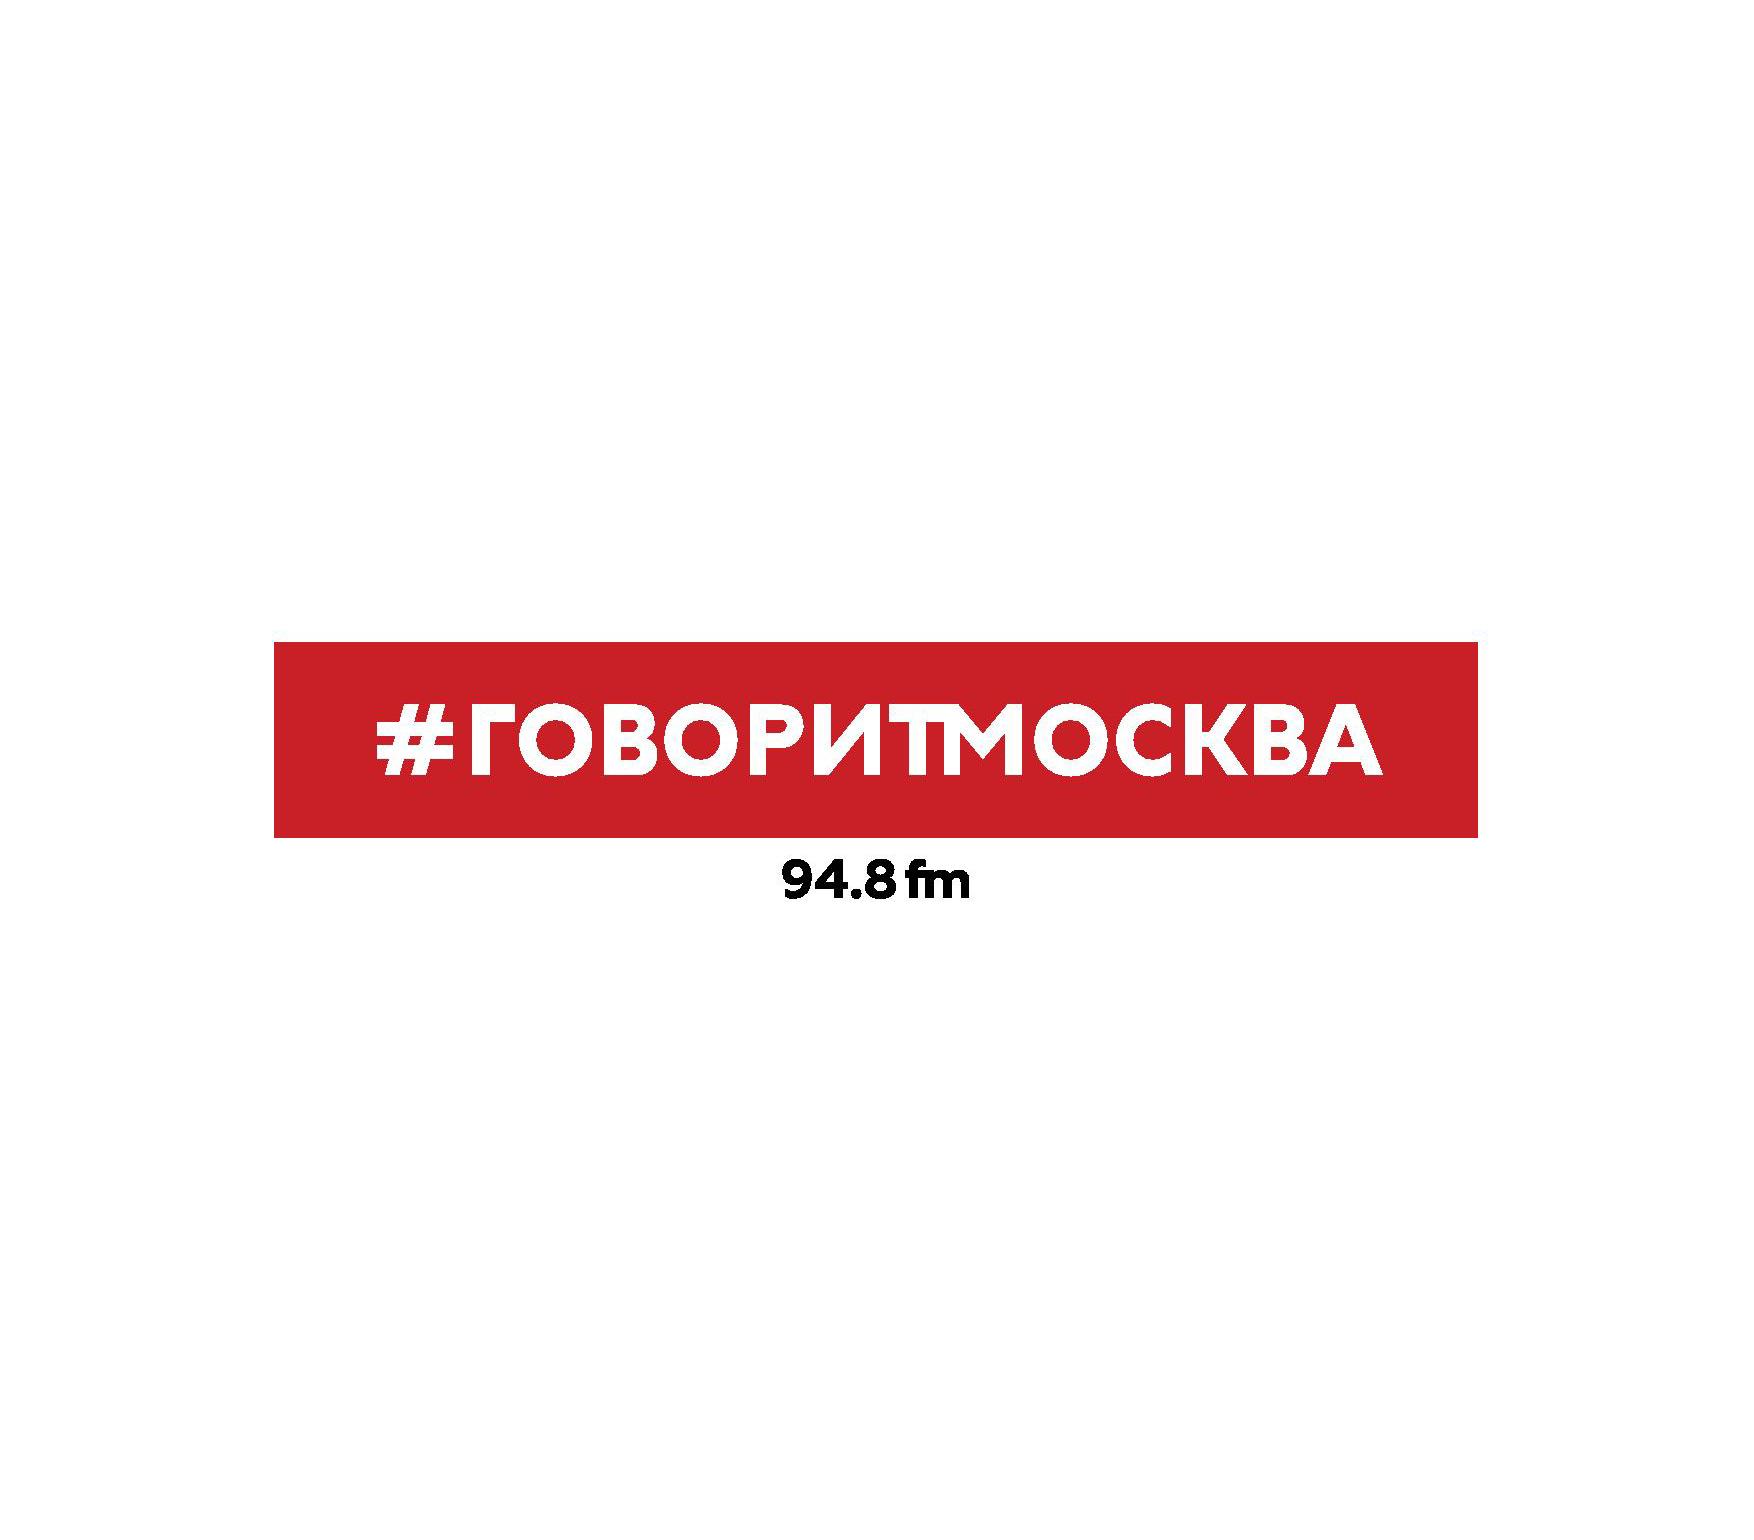 Макс Челноков 27 марта. Александр Минкин